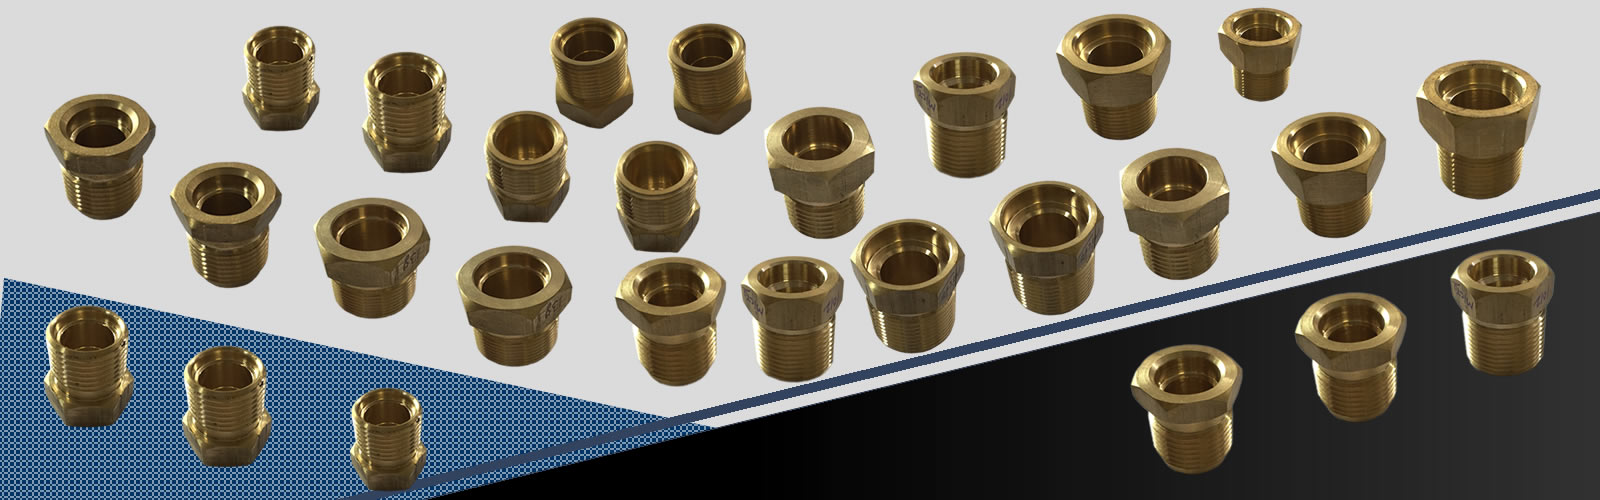 brass-oring-union